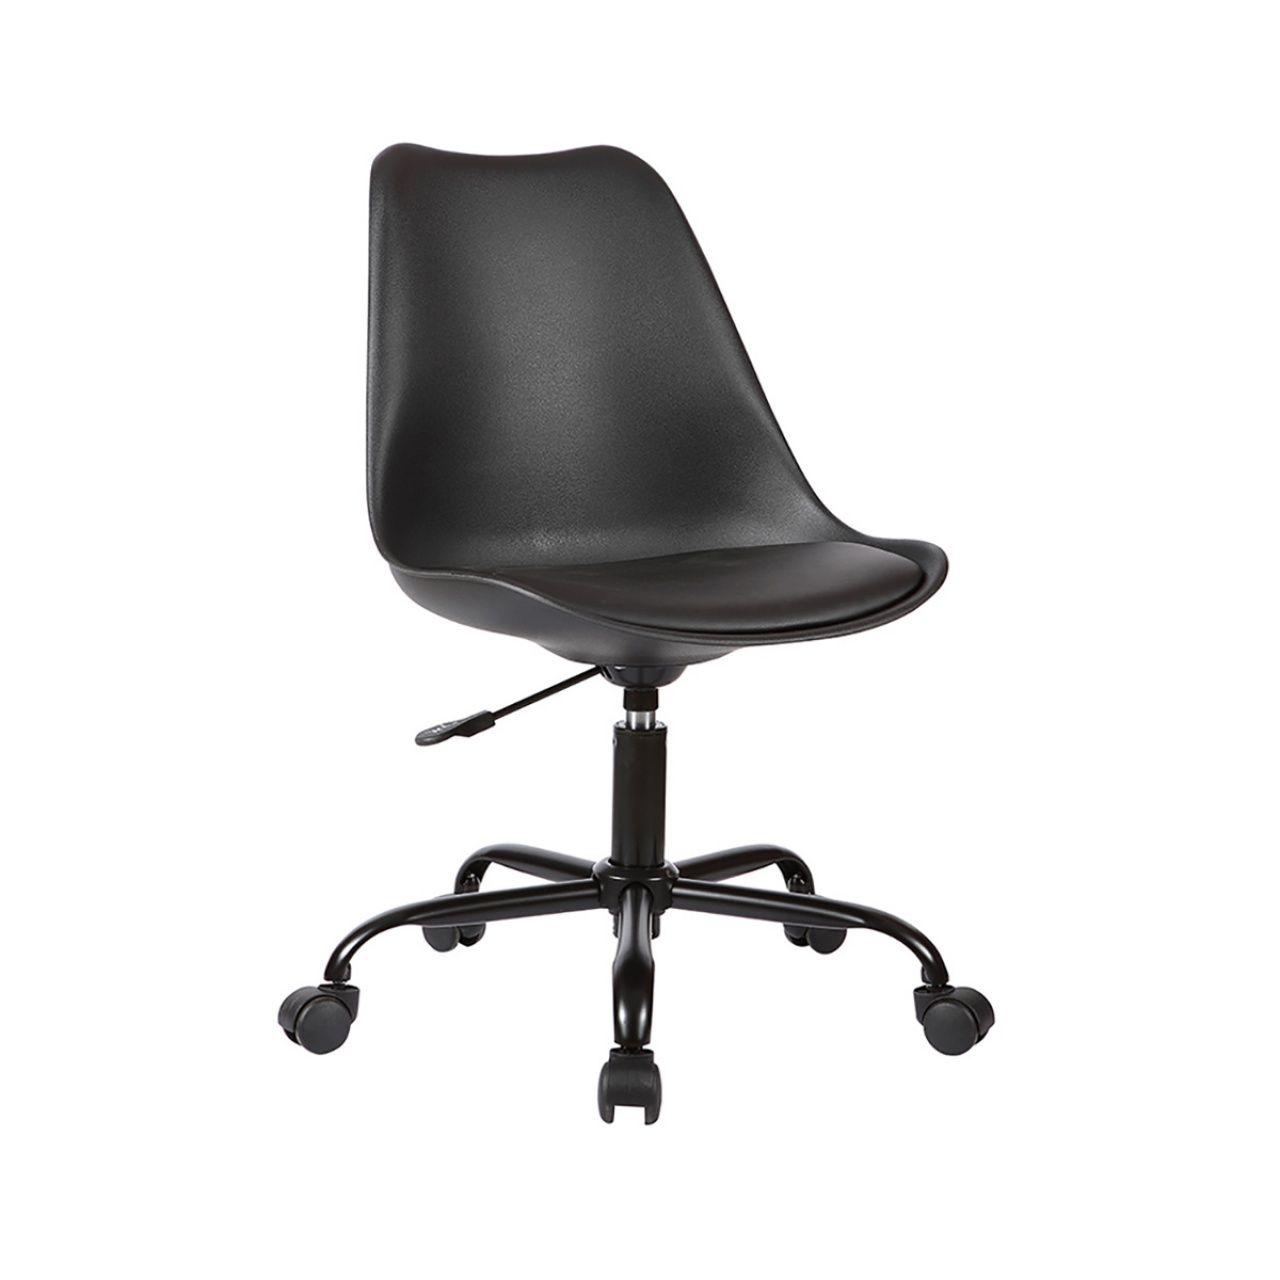 cadeira-giratoria-charlotte